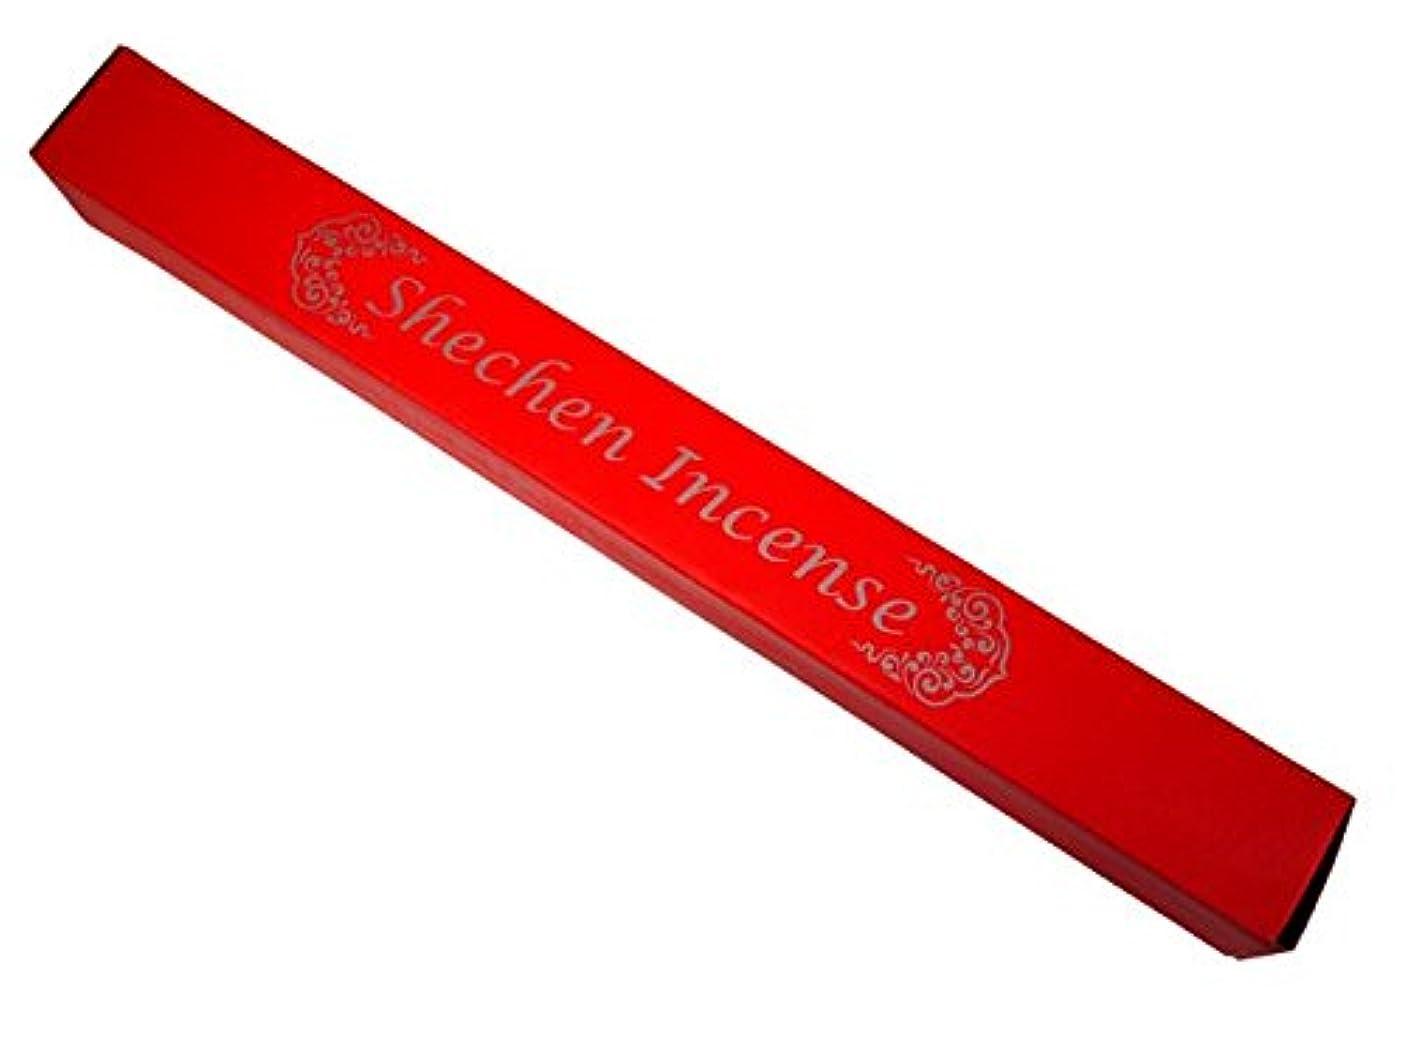 スカープ複雑なエンジニアリングシェチェンモナストリ チベット仏教寺院シェチェンモナストリのお香【Shechen Incense RED】